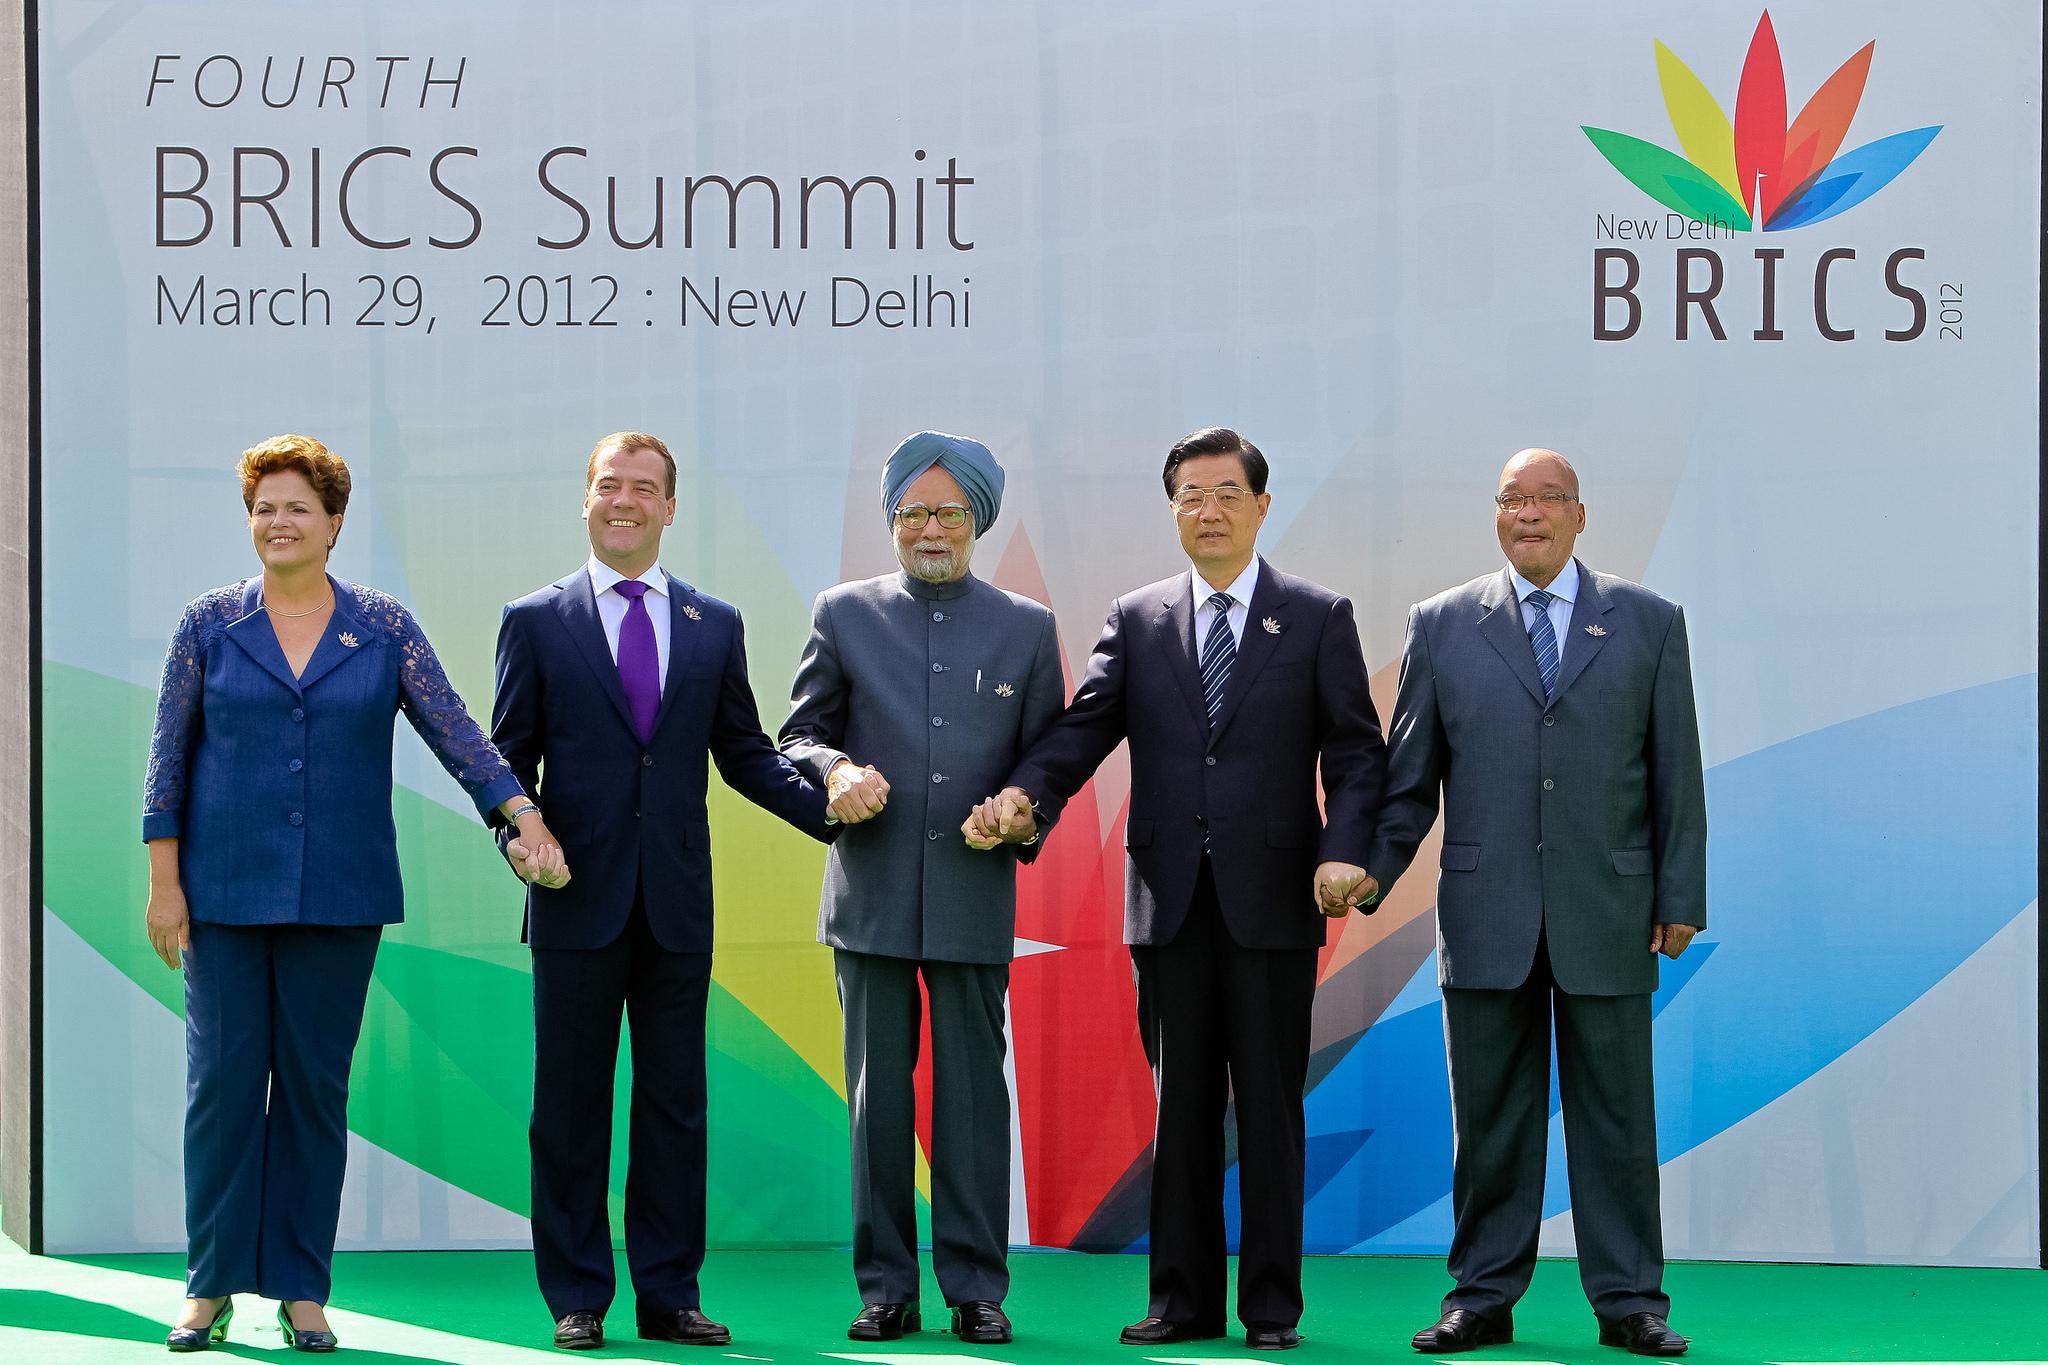 Foto der Regierungschefs der 5 BRICS-Staaten Hand in Hand beim 4. Gipfeltreffen in Neu Delhi, Indien, 29.03.2012